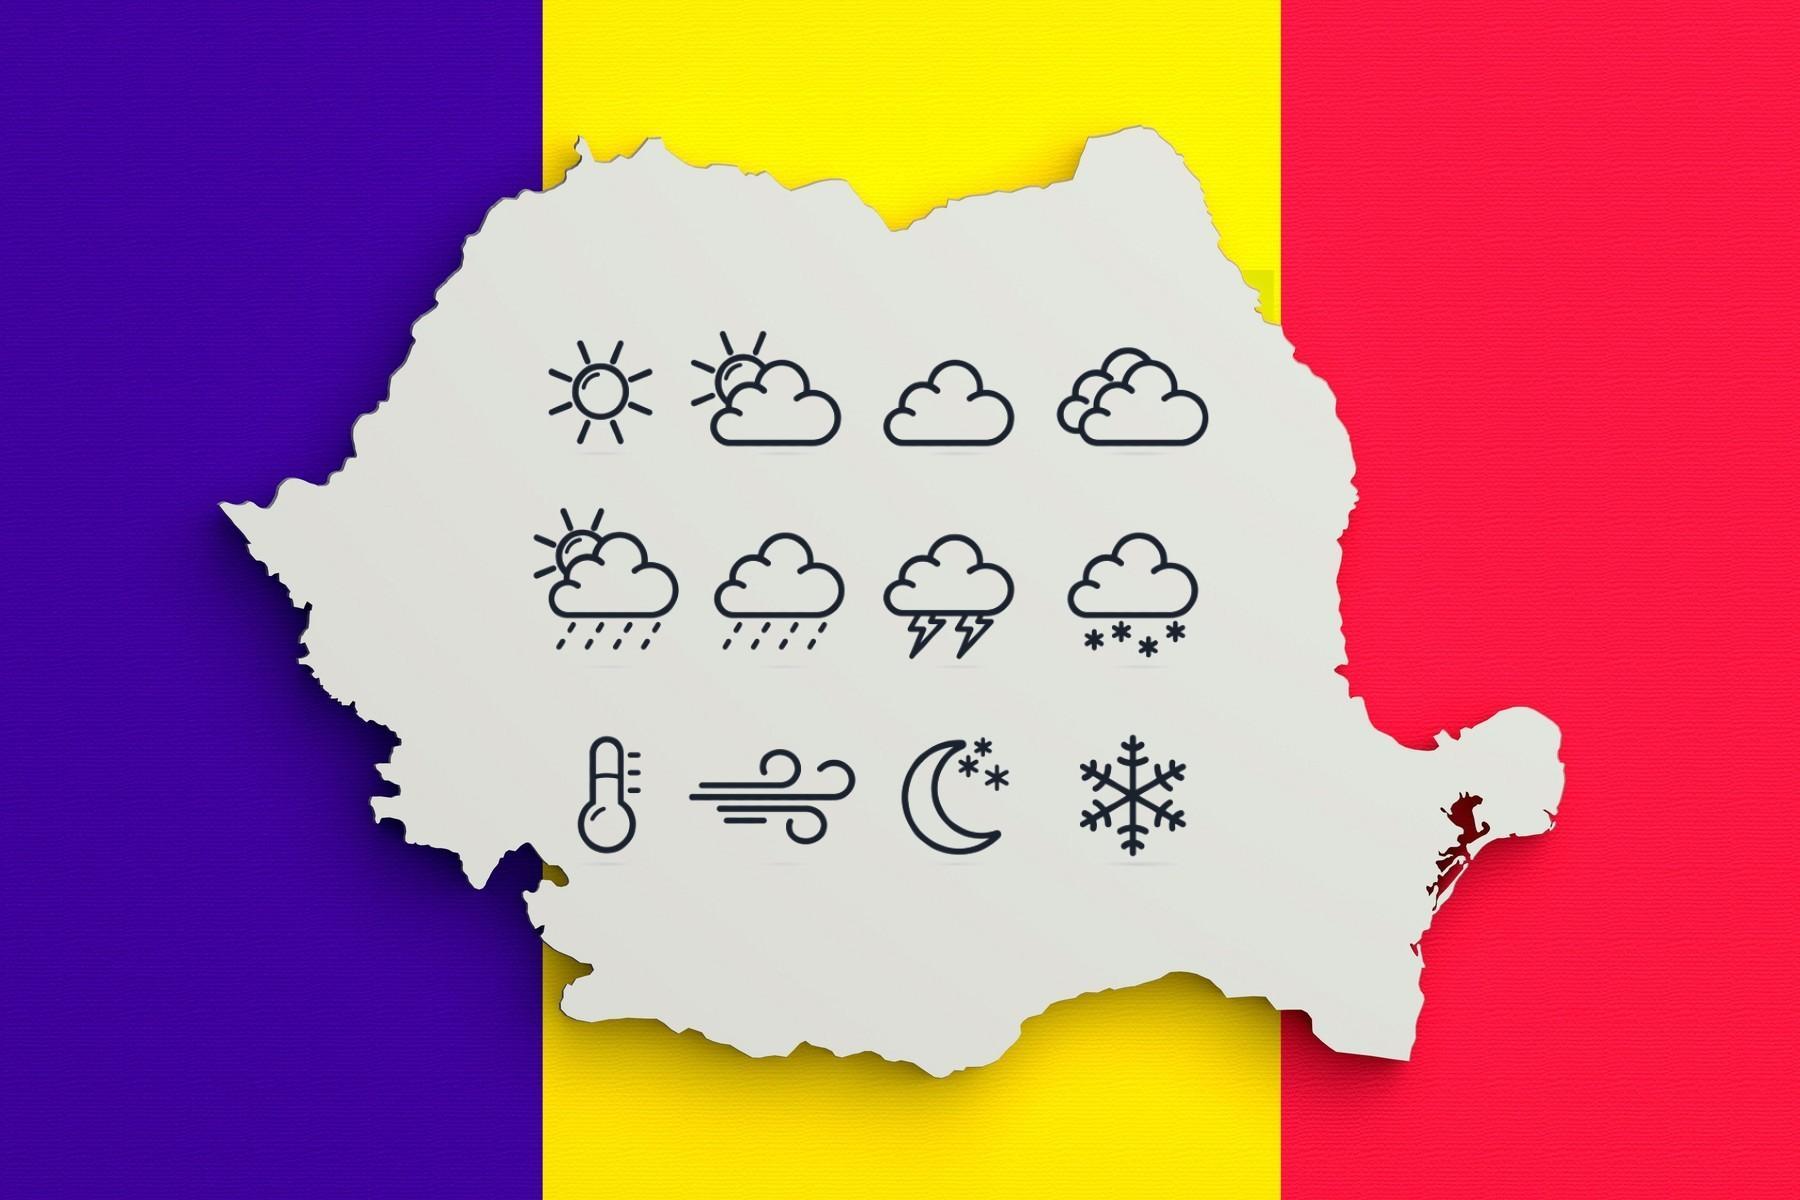 Prognoza Meteo, 4 aprilie 2021. Cum va fi vremea în România și care sunt previziunile ANM pentru astăzi